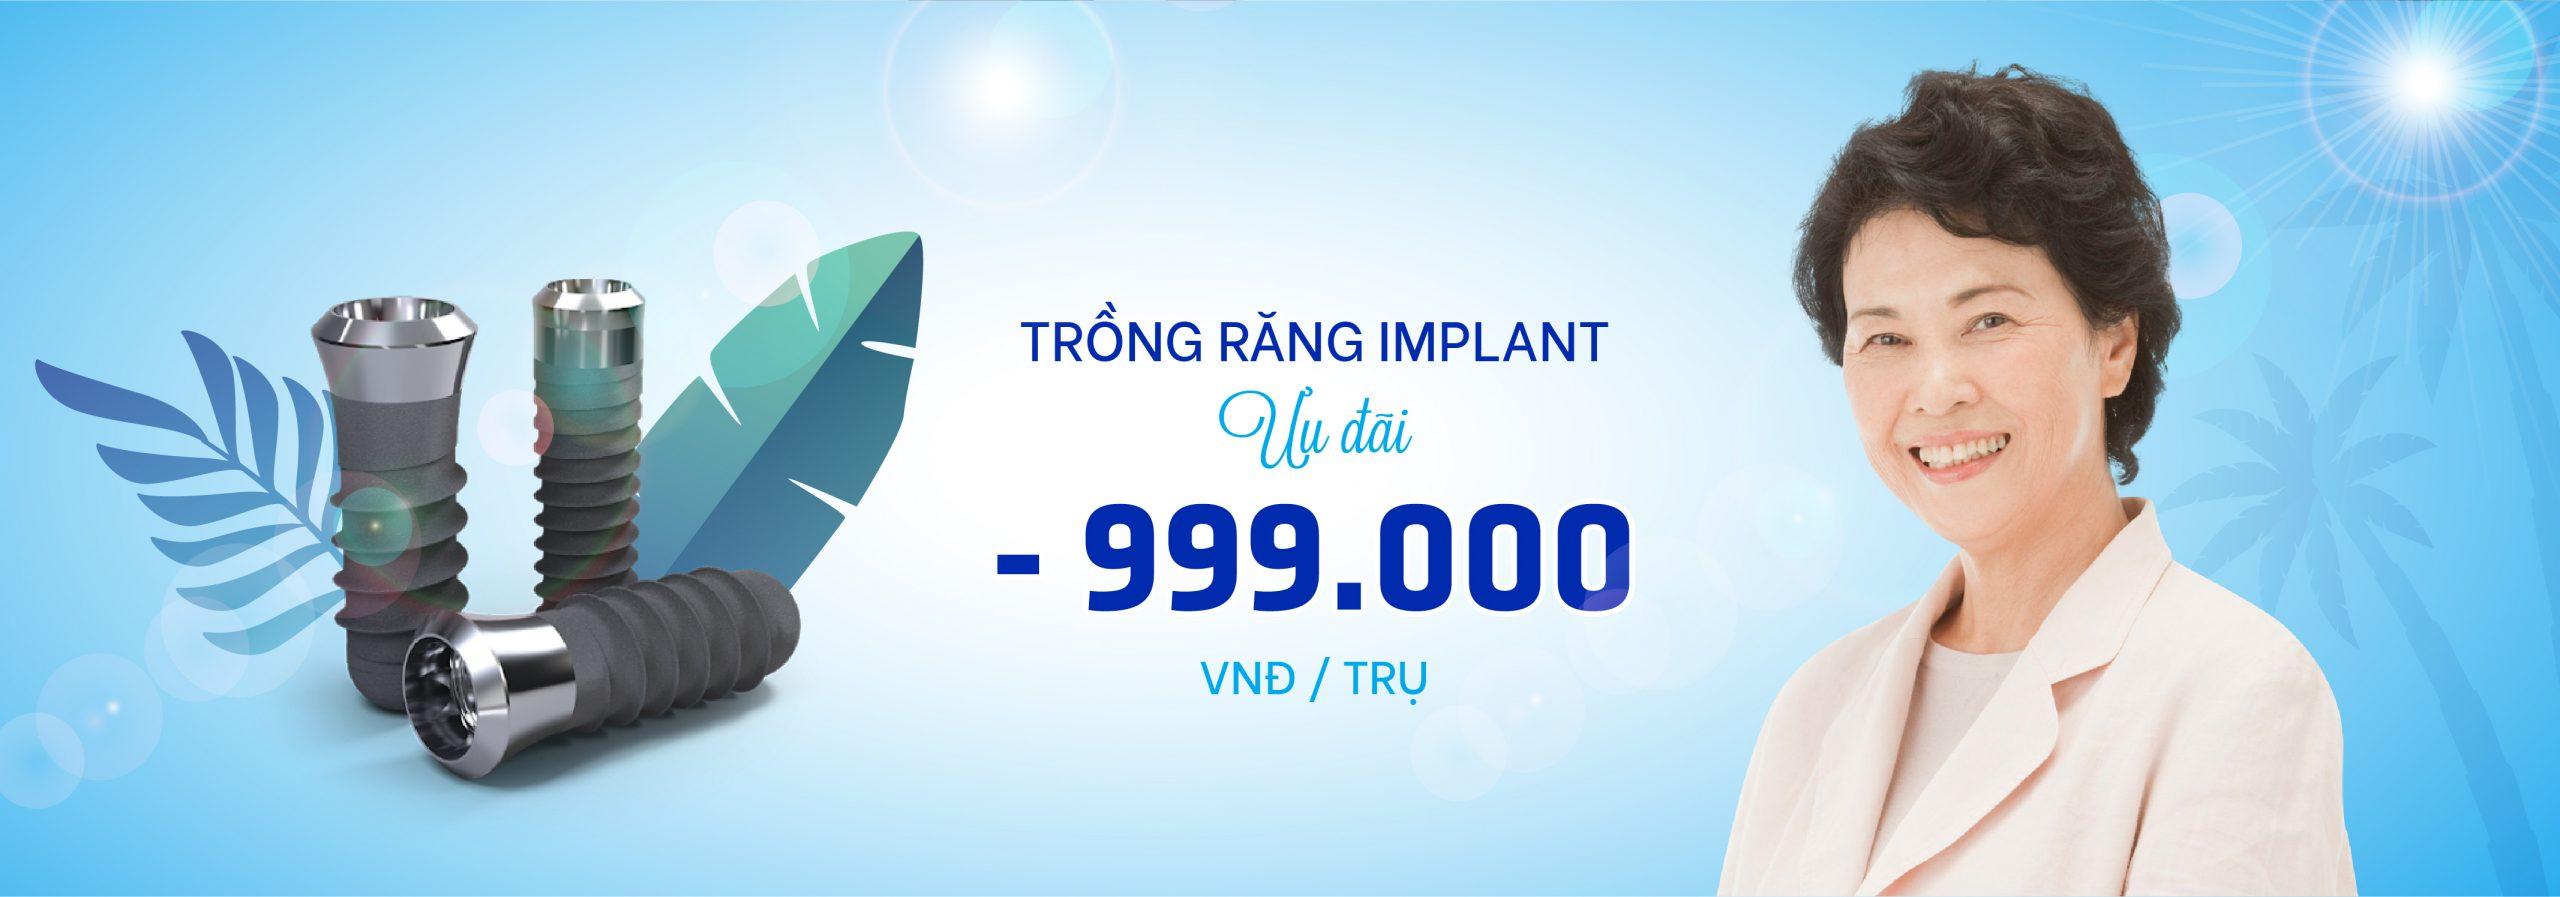 Trồng Răng Implant – Cấy Ghép Implant Chuẩn Quốc Tế